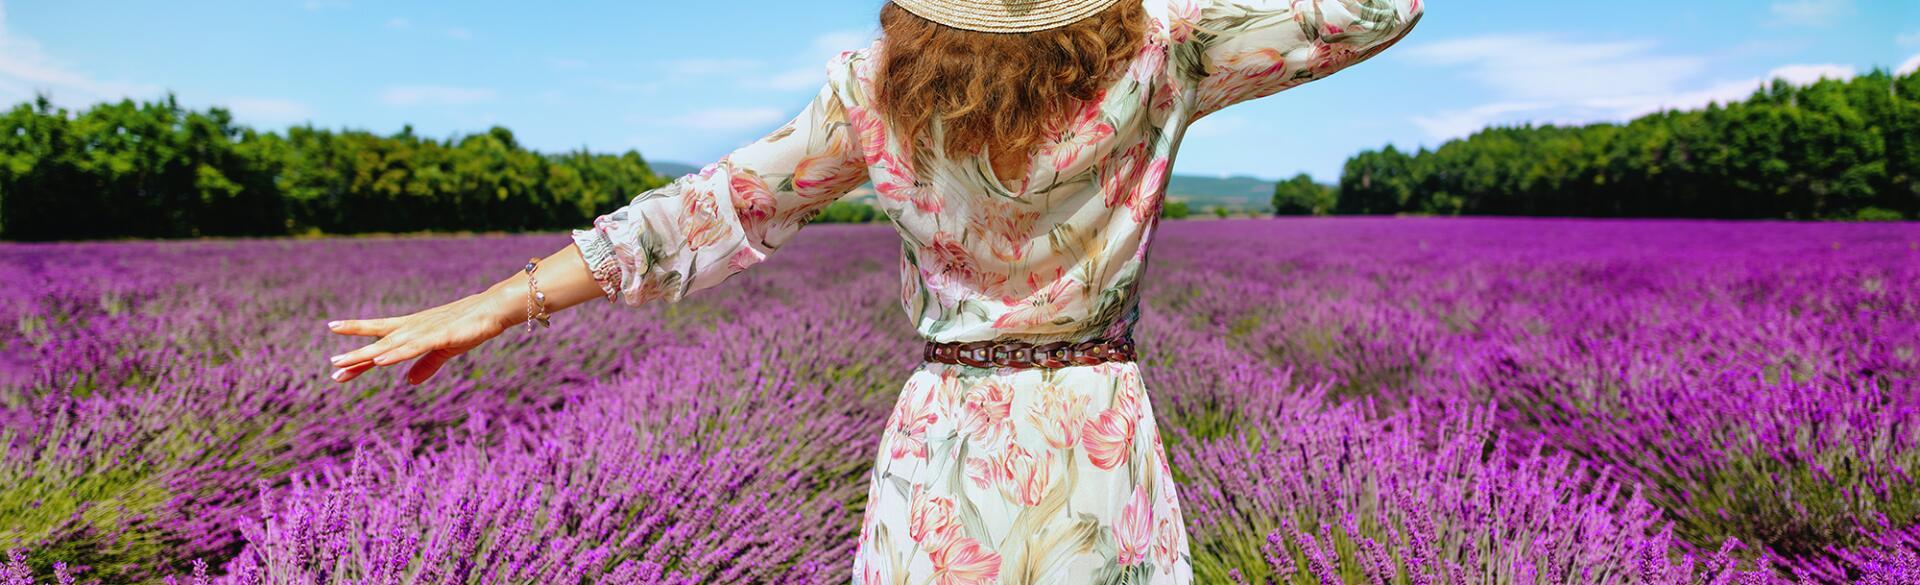 woman in sundress walking through flower field